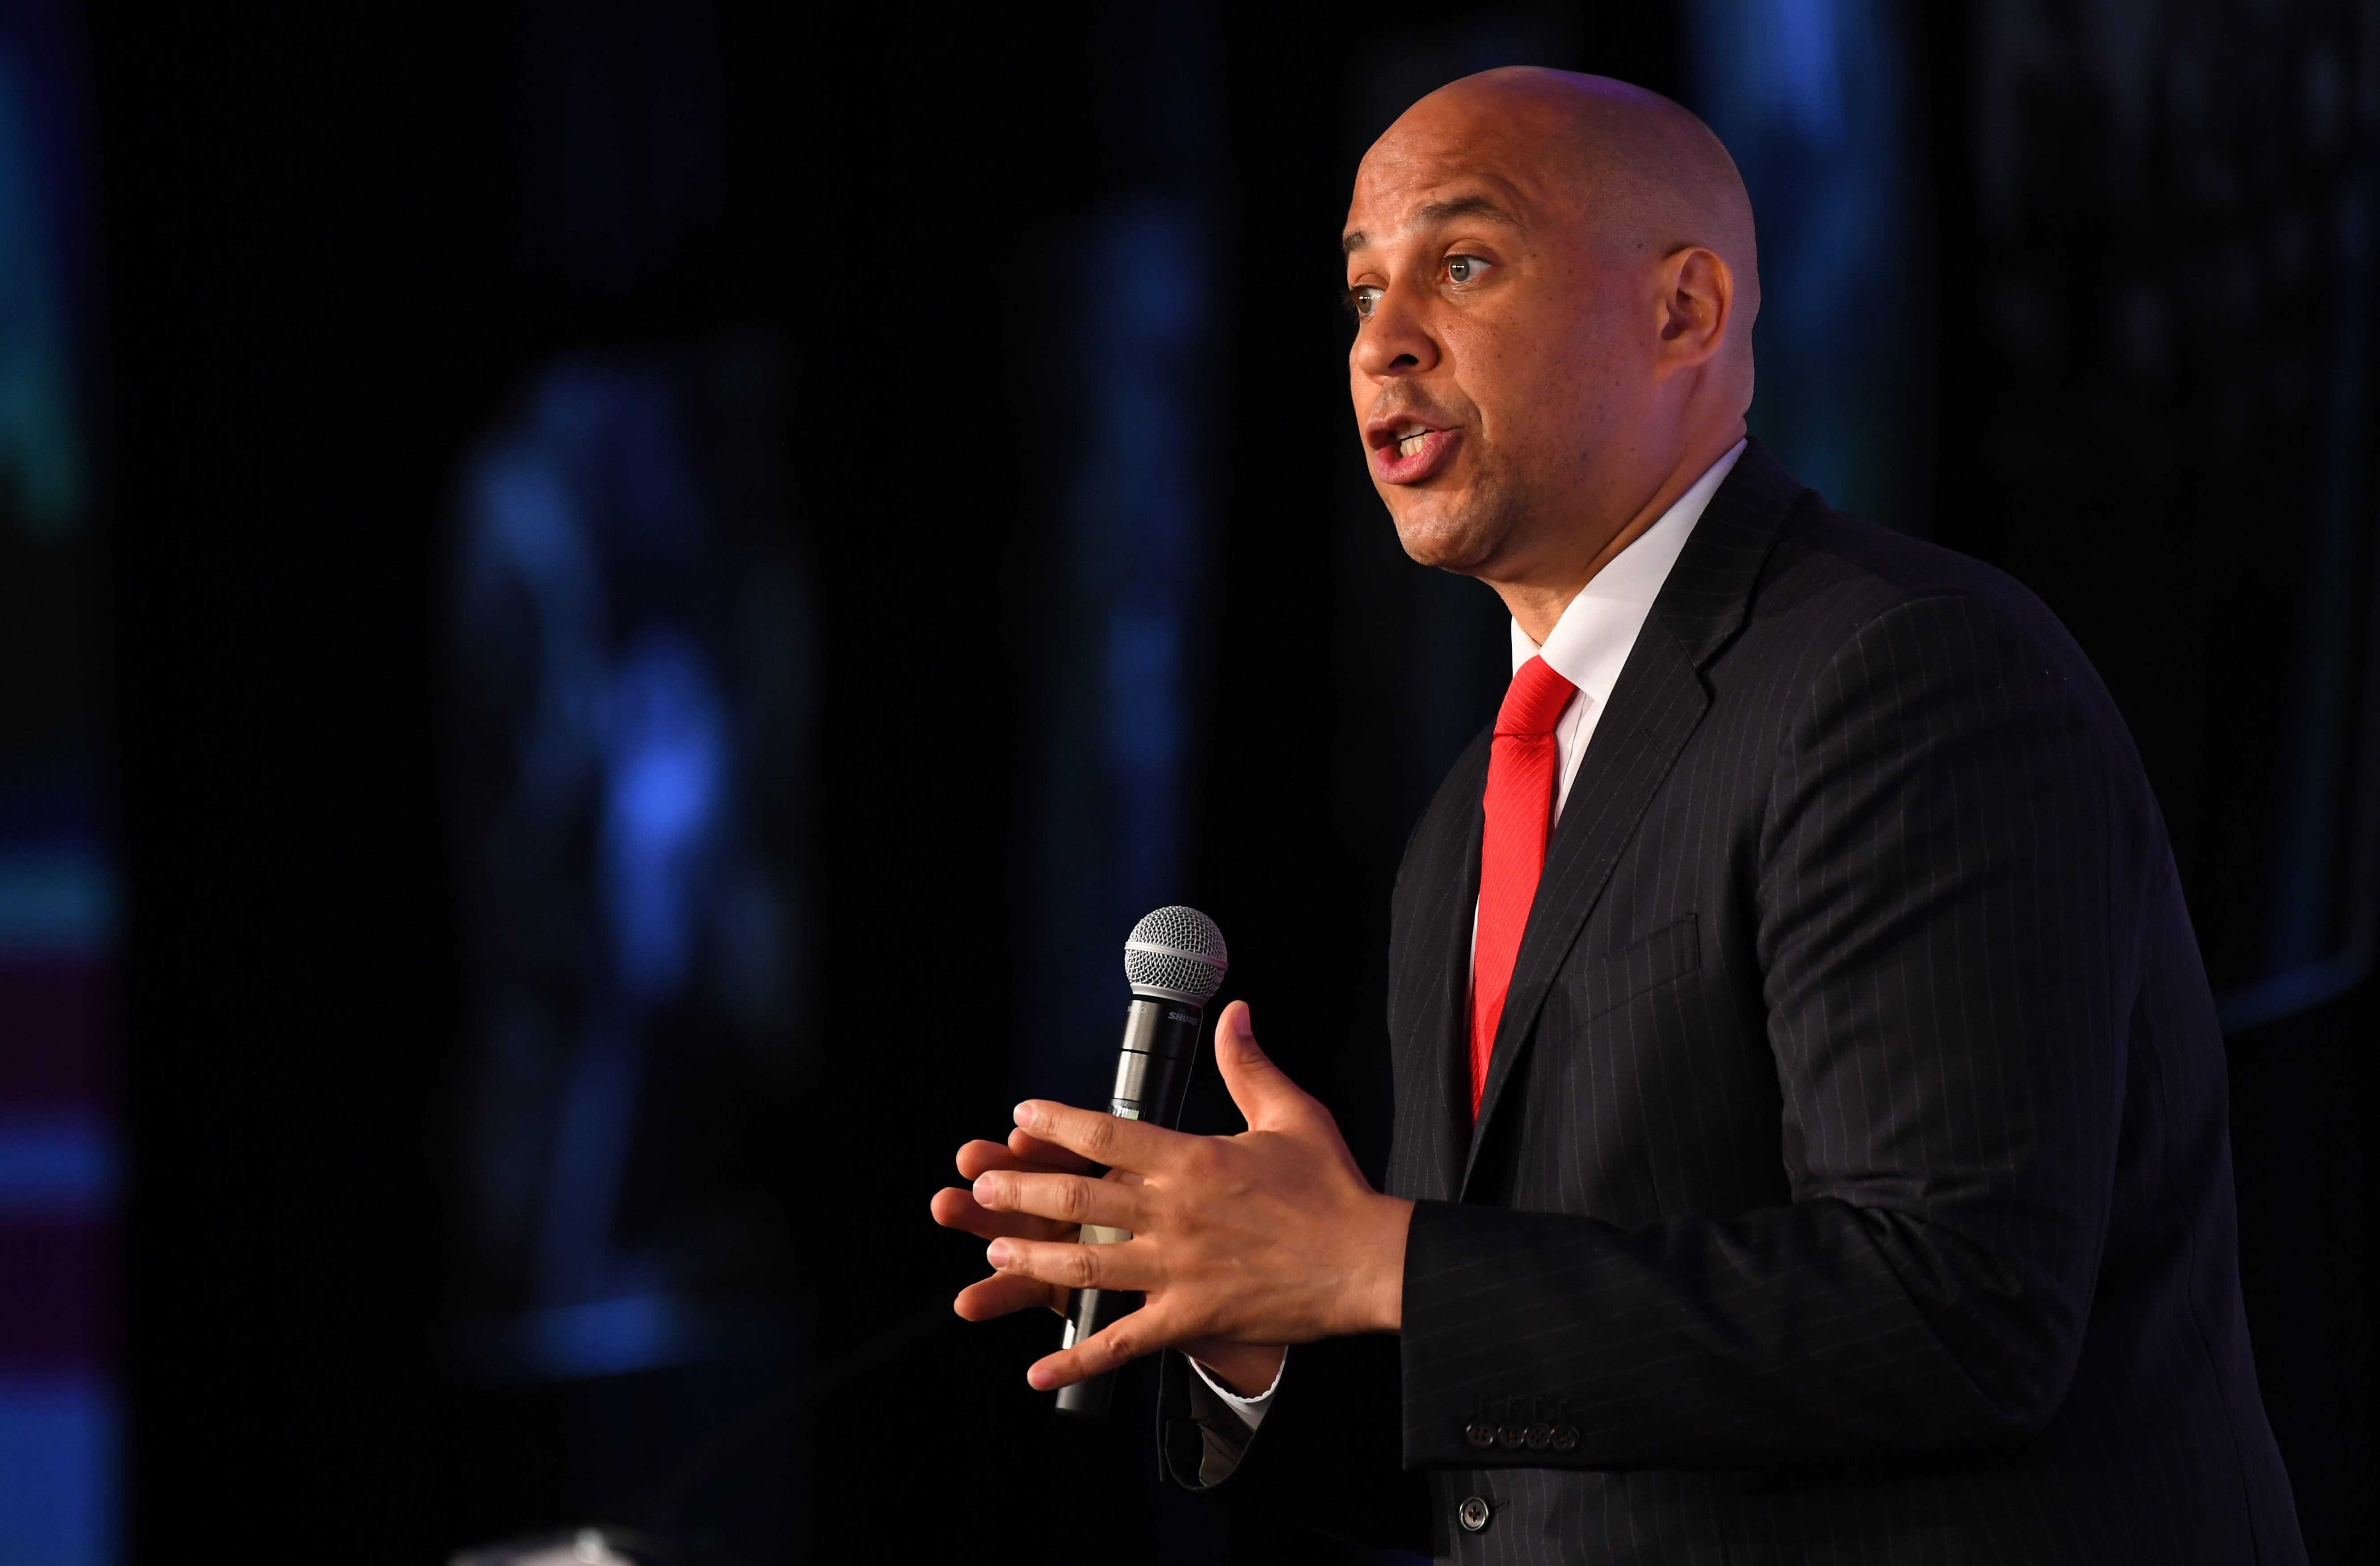 Sen. Cory Booker, D-N.J., announces he is running for president on Feb. 1, 2019.